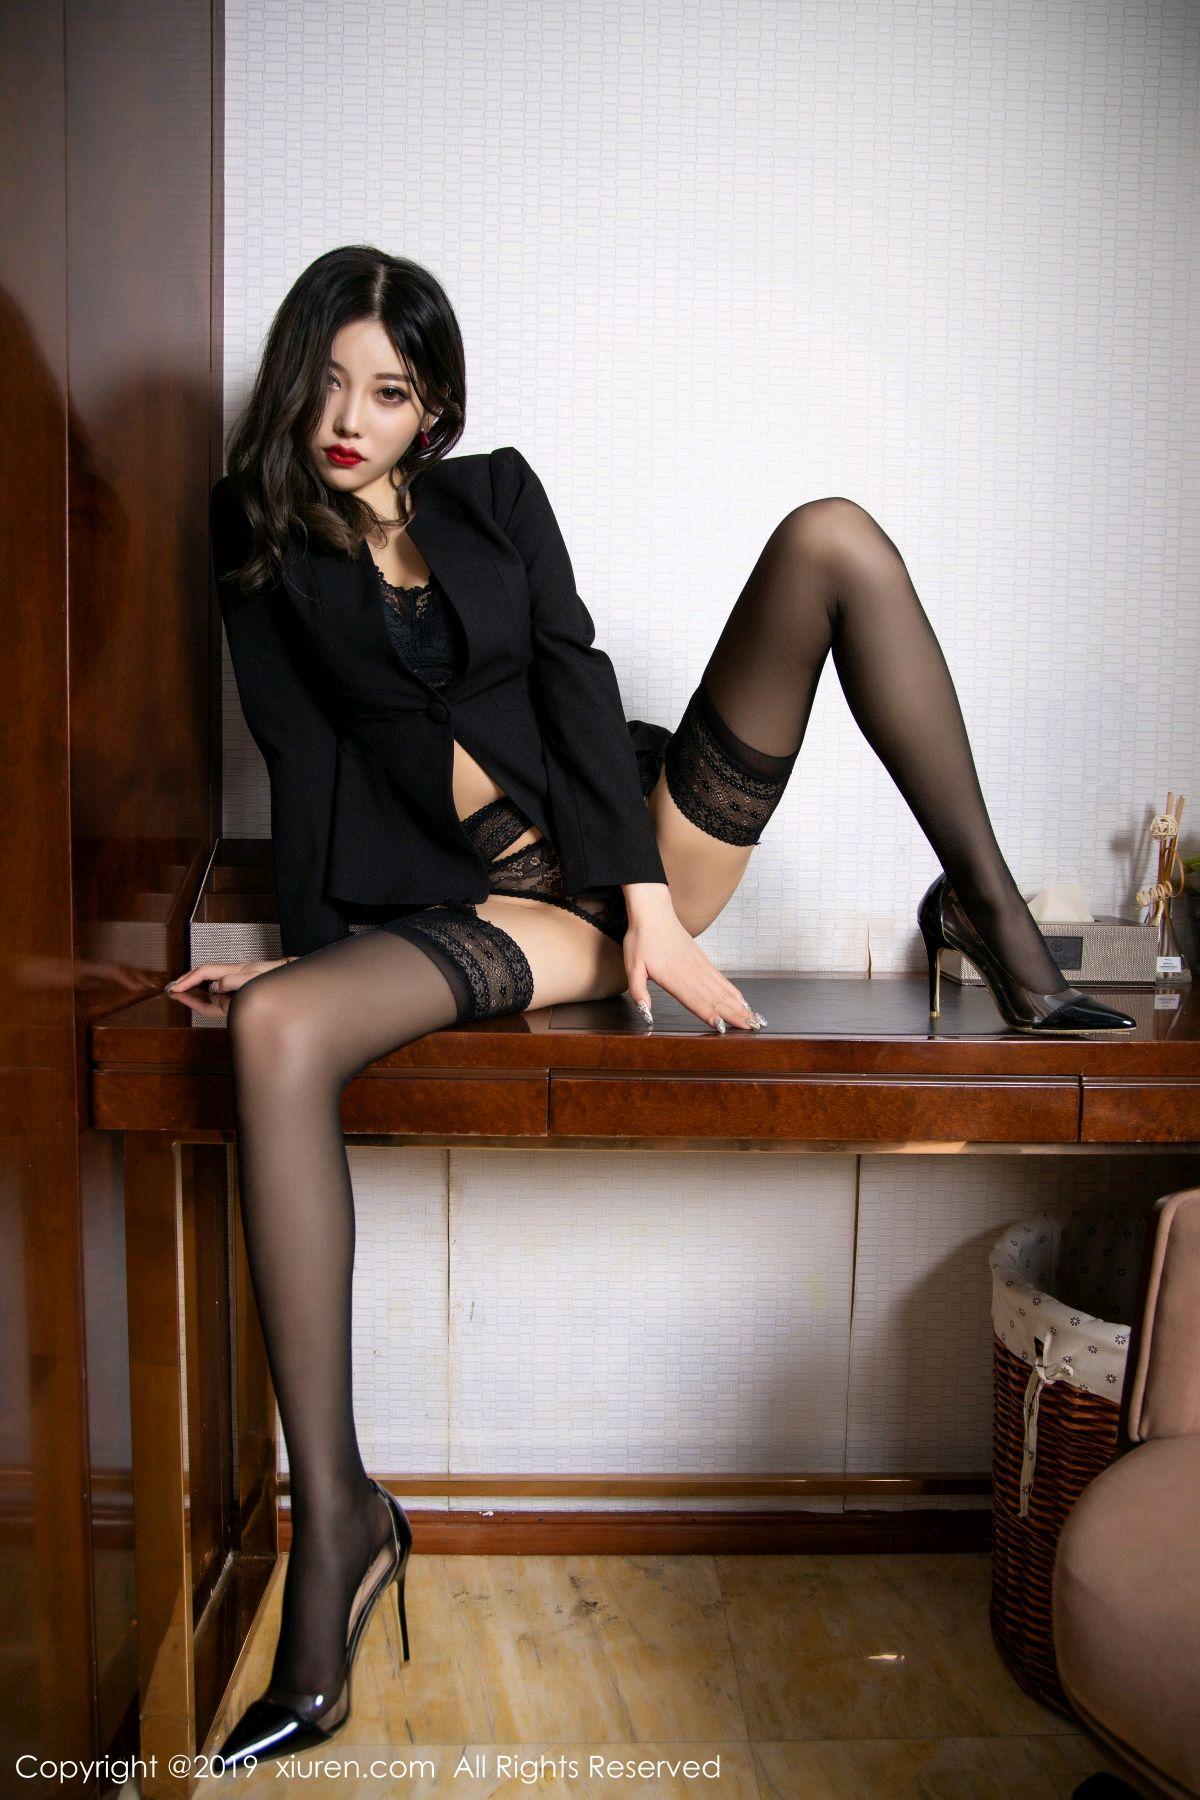 [XiaoYu] Vol.1633 Yang Chen Chen 40P, Black Silk, Tall, Uniform, XiaoYu, Yang Chen Chen